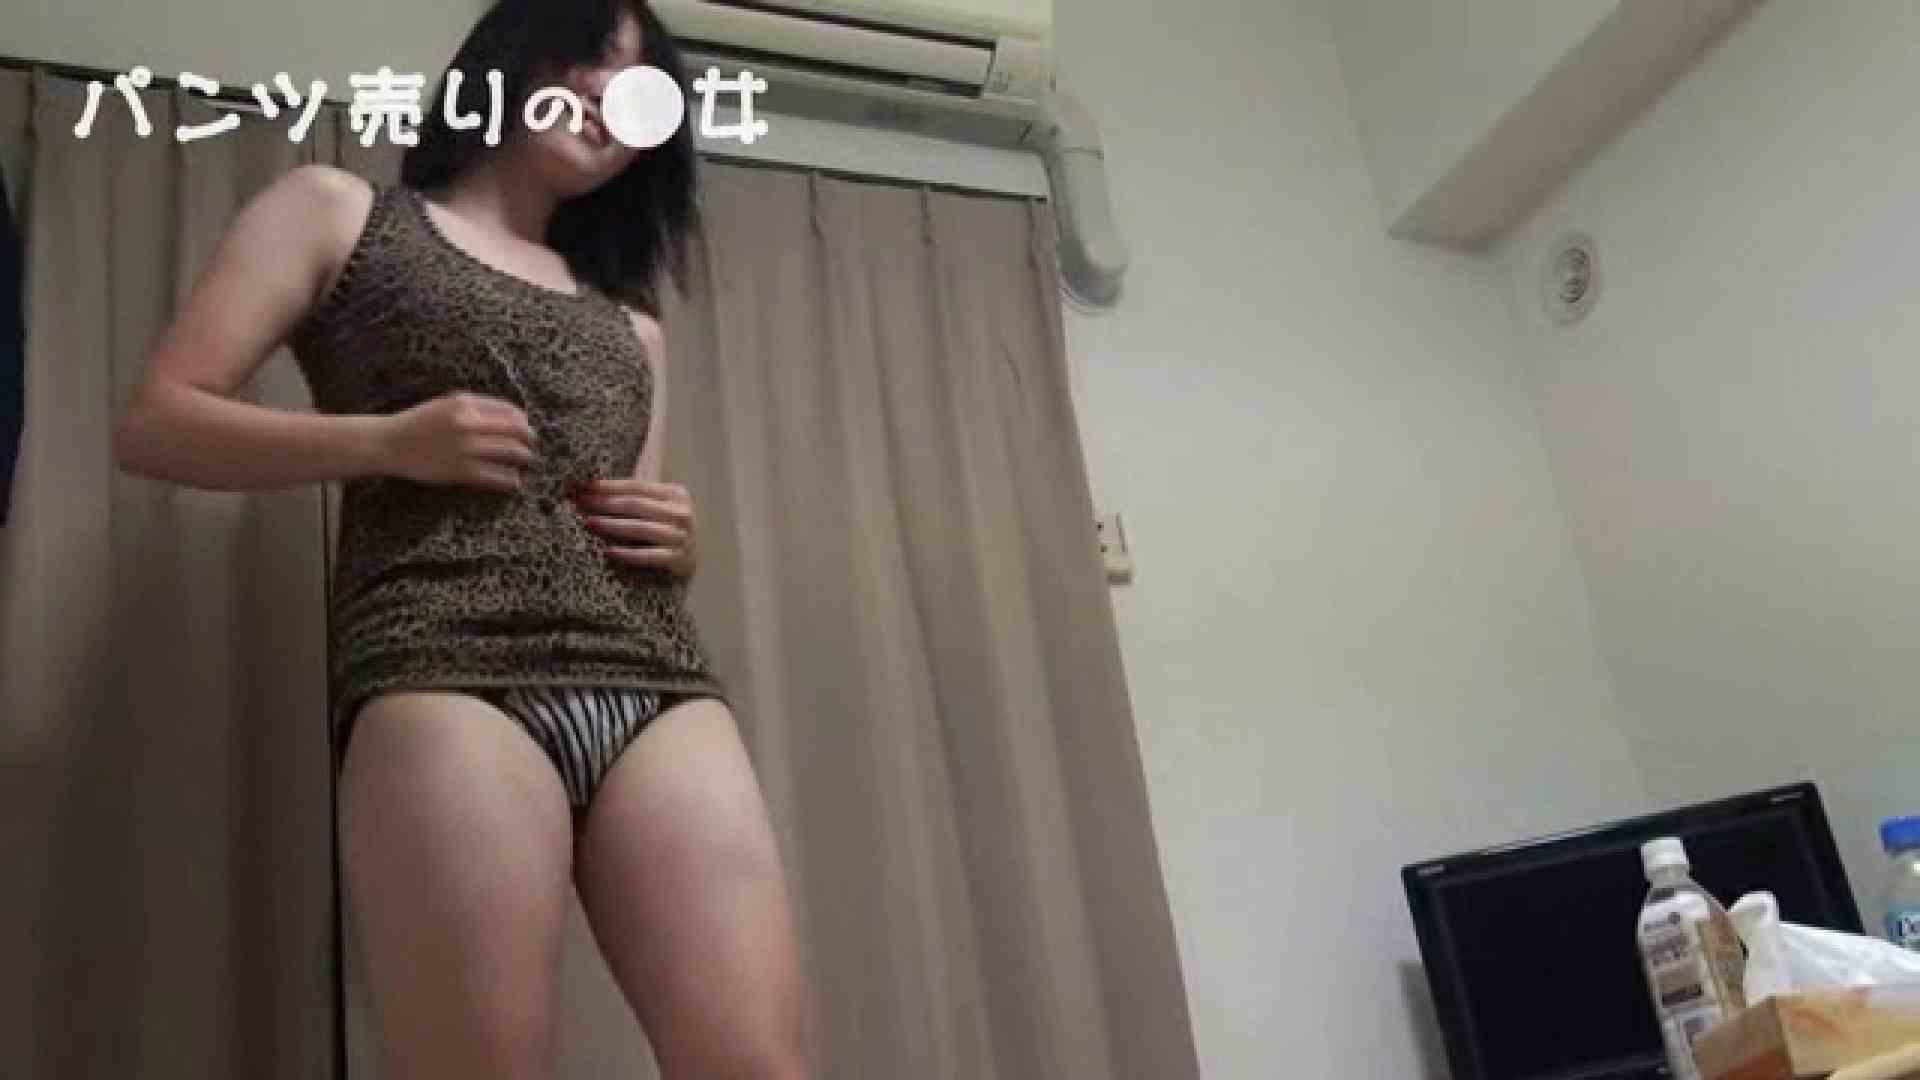 新説 パンツ売りの女の子mizuki 一般投稿  21連発 16